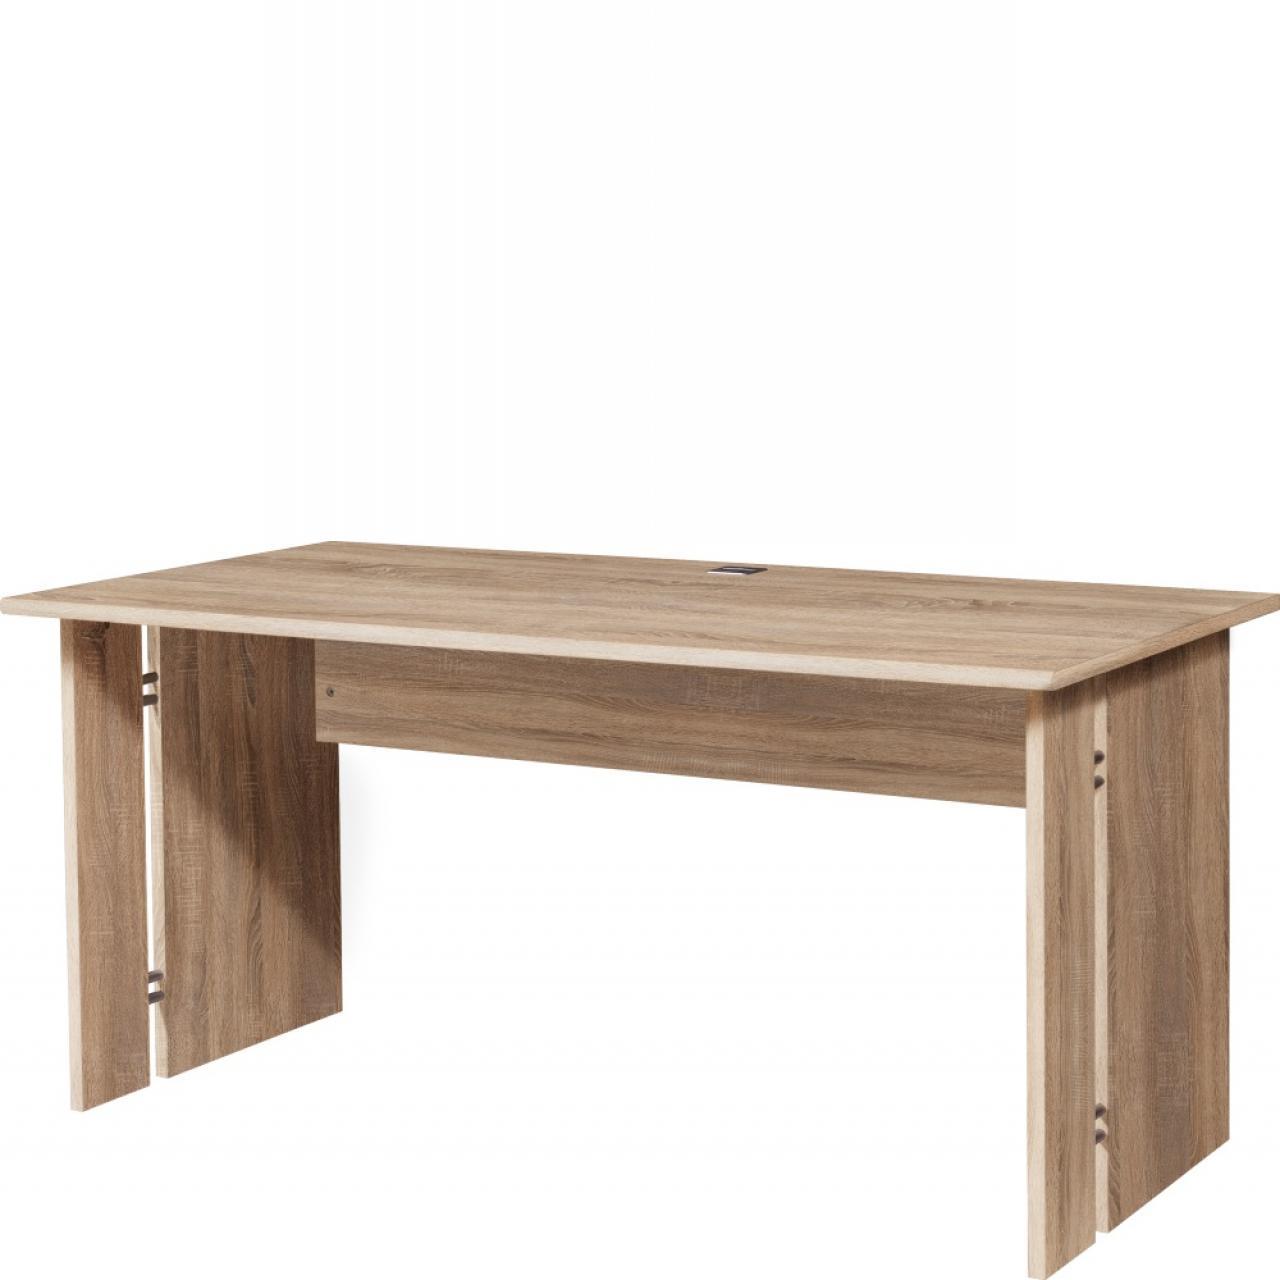 Schreibtisch -  Sonoma Eiche NB - 160 cm breit